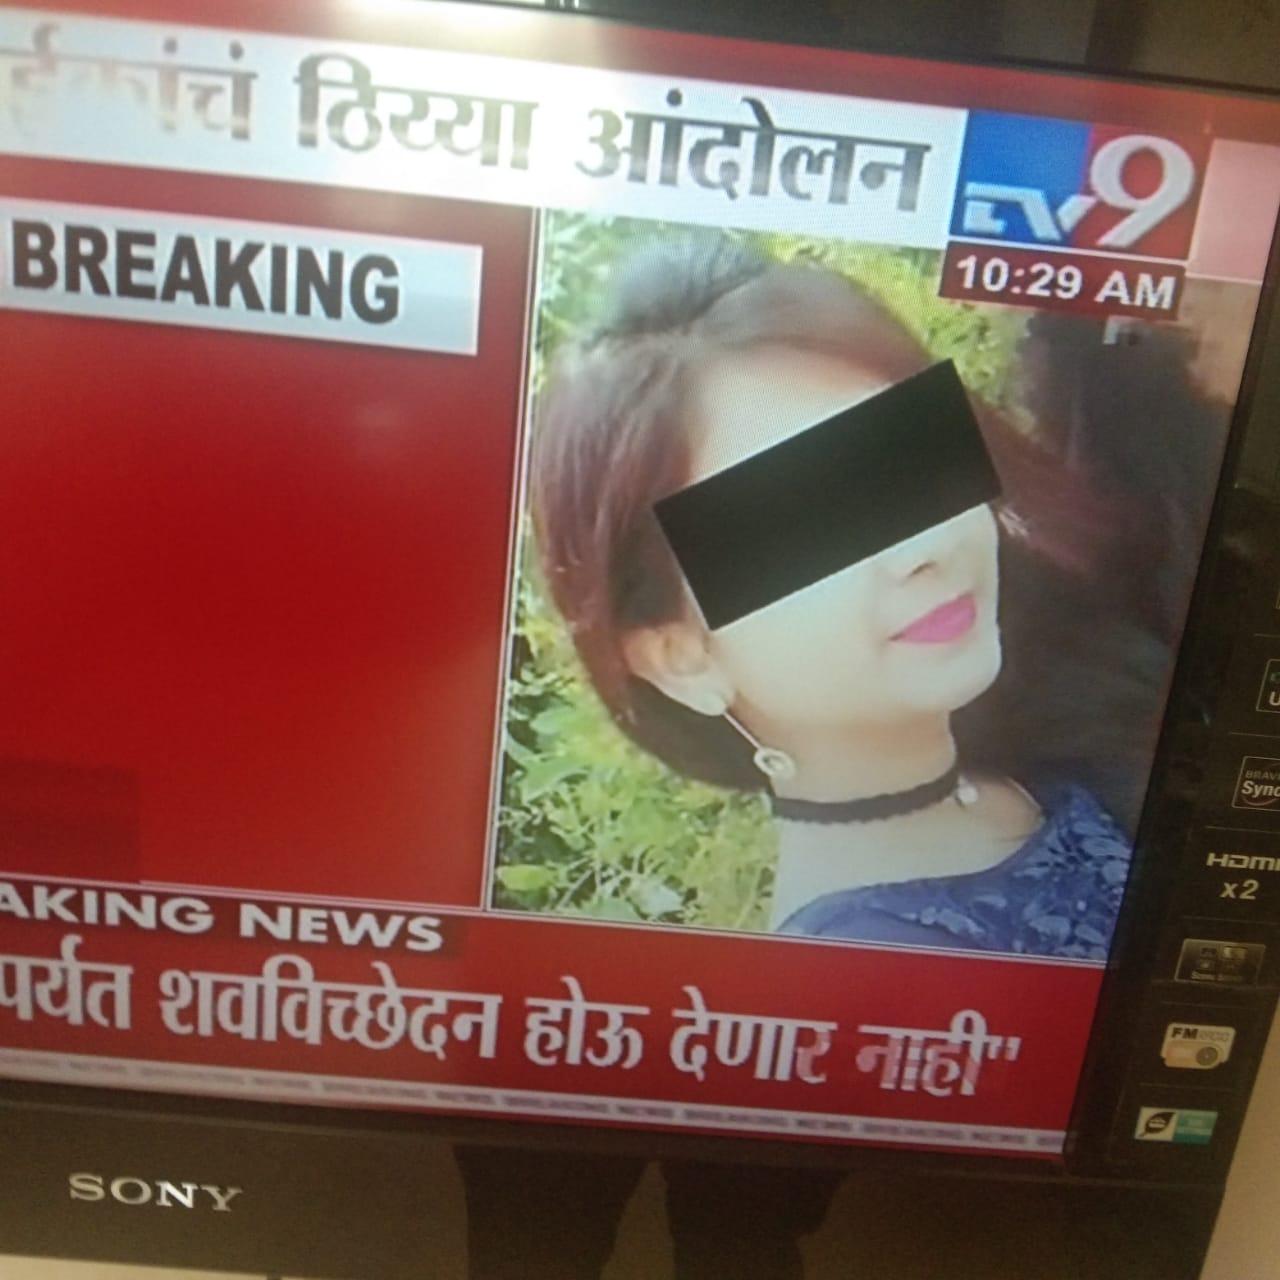 महाराष्ट्रातील जनता  हळहळली, हिंगणघाट येथील पिडीत महिलेची मृत्यूशी झुंज आज अपयशी ठरली.